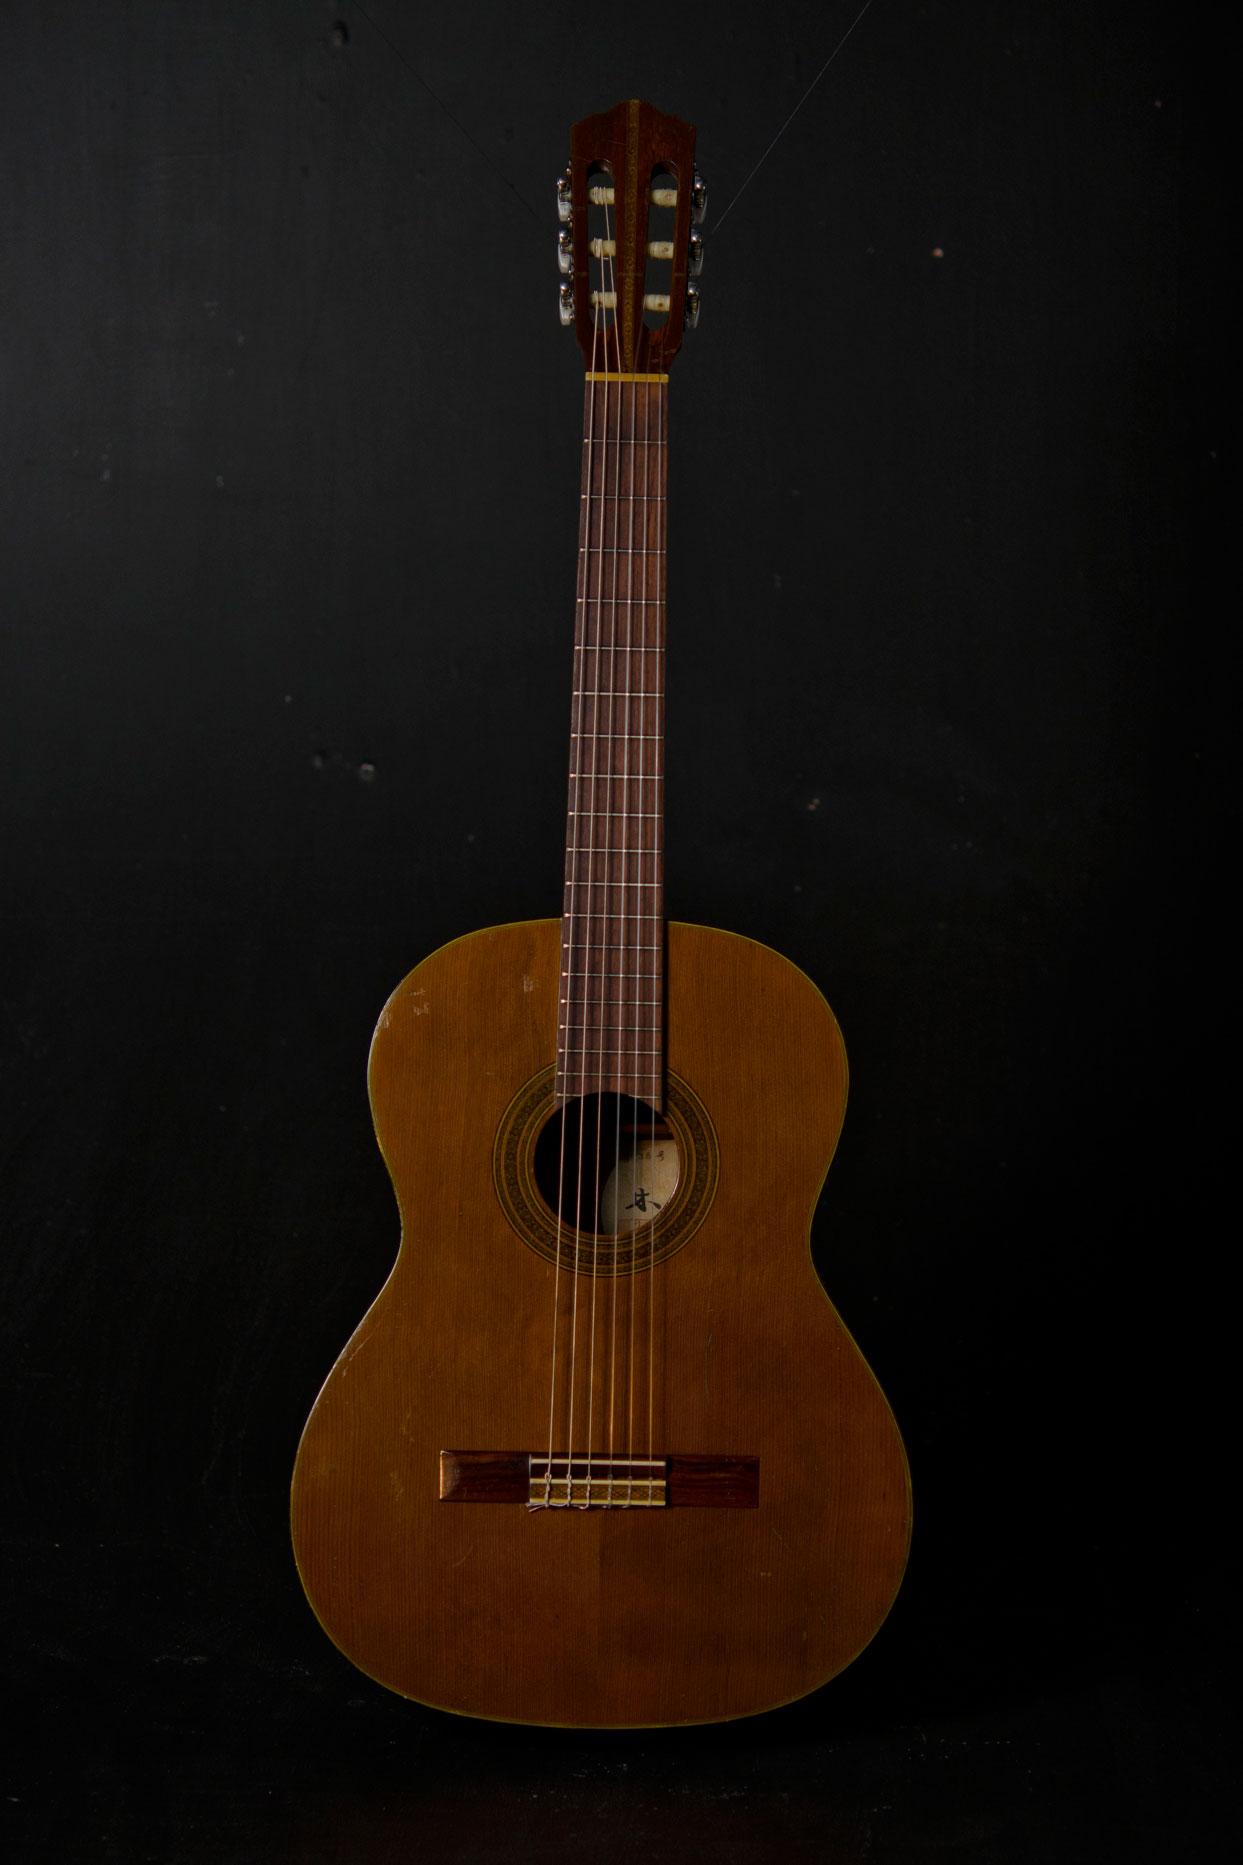 กีต้าร์โปร่ง Classic Guitar มือสอง